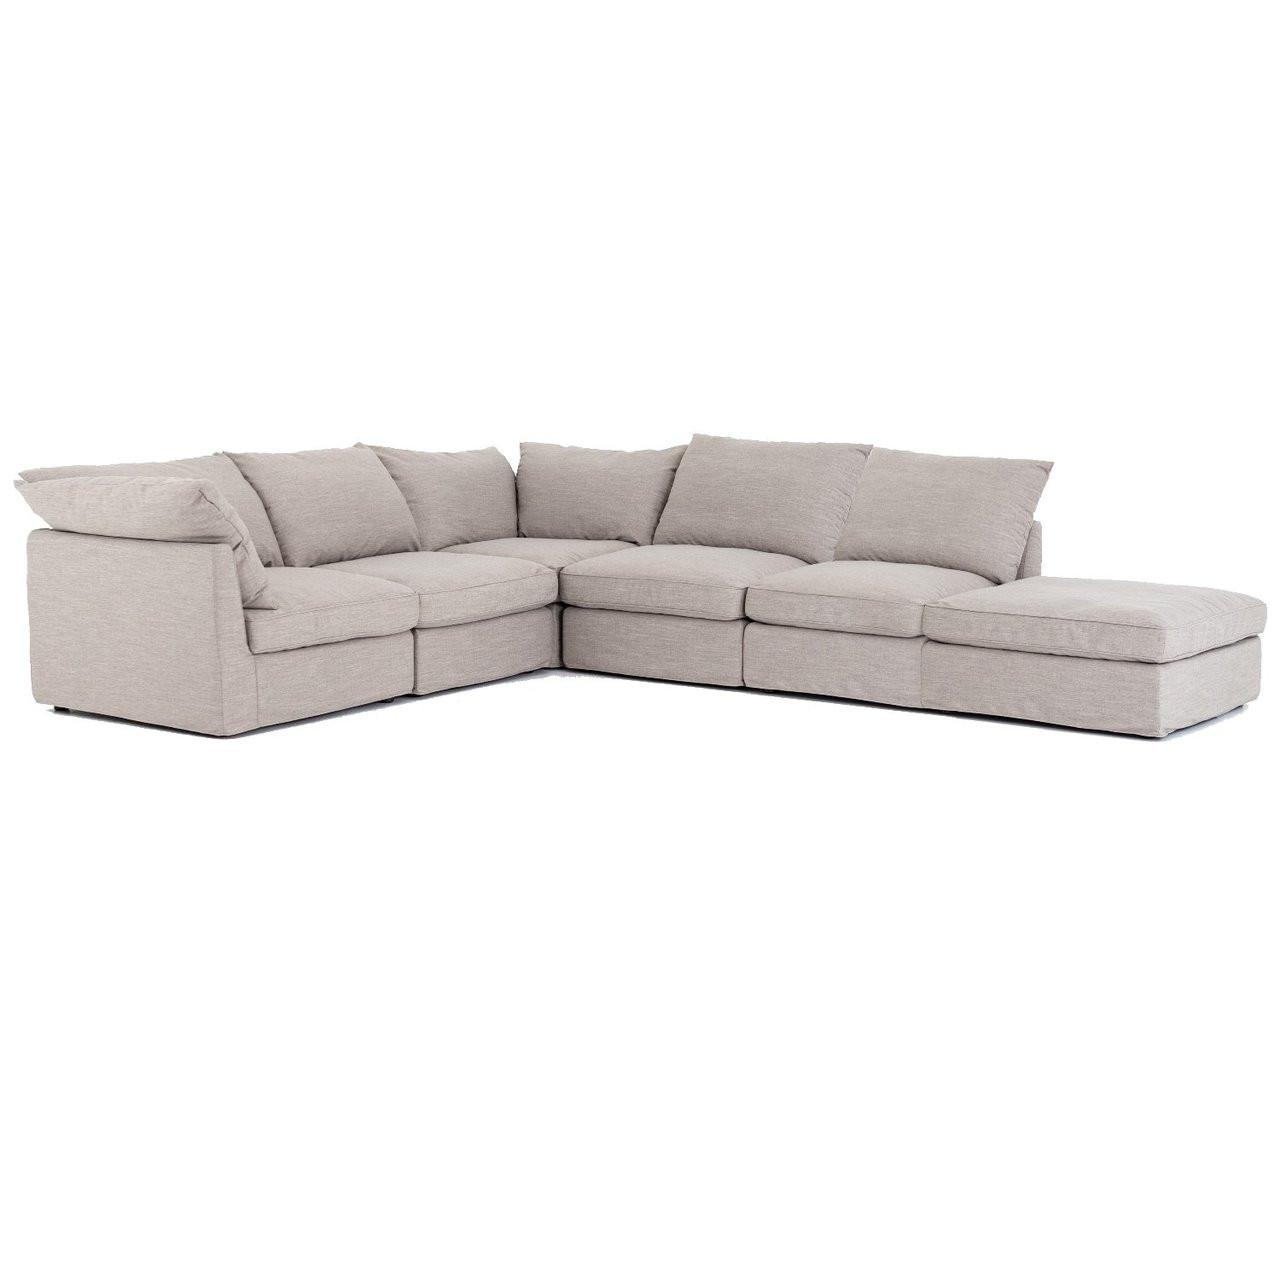 Paul Coastal Grey 6-Piece Modular Sectional Sofa